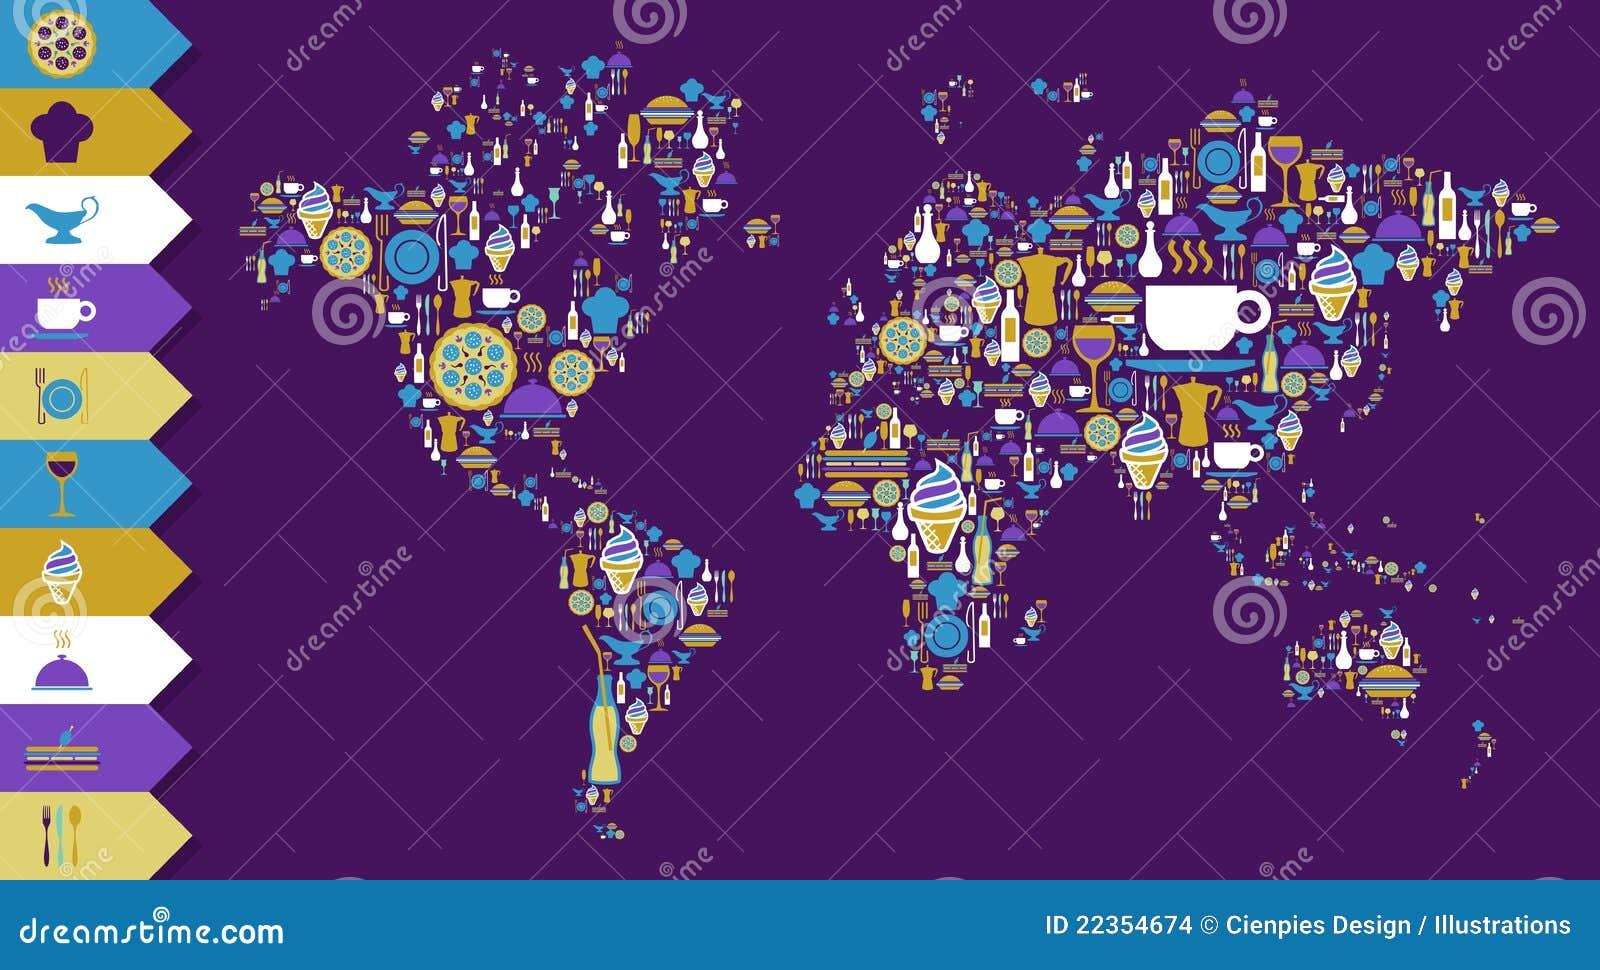 地球美食的图标映射集合世界